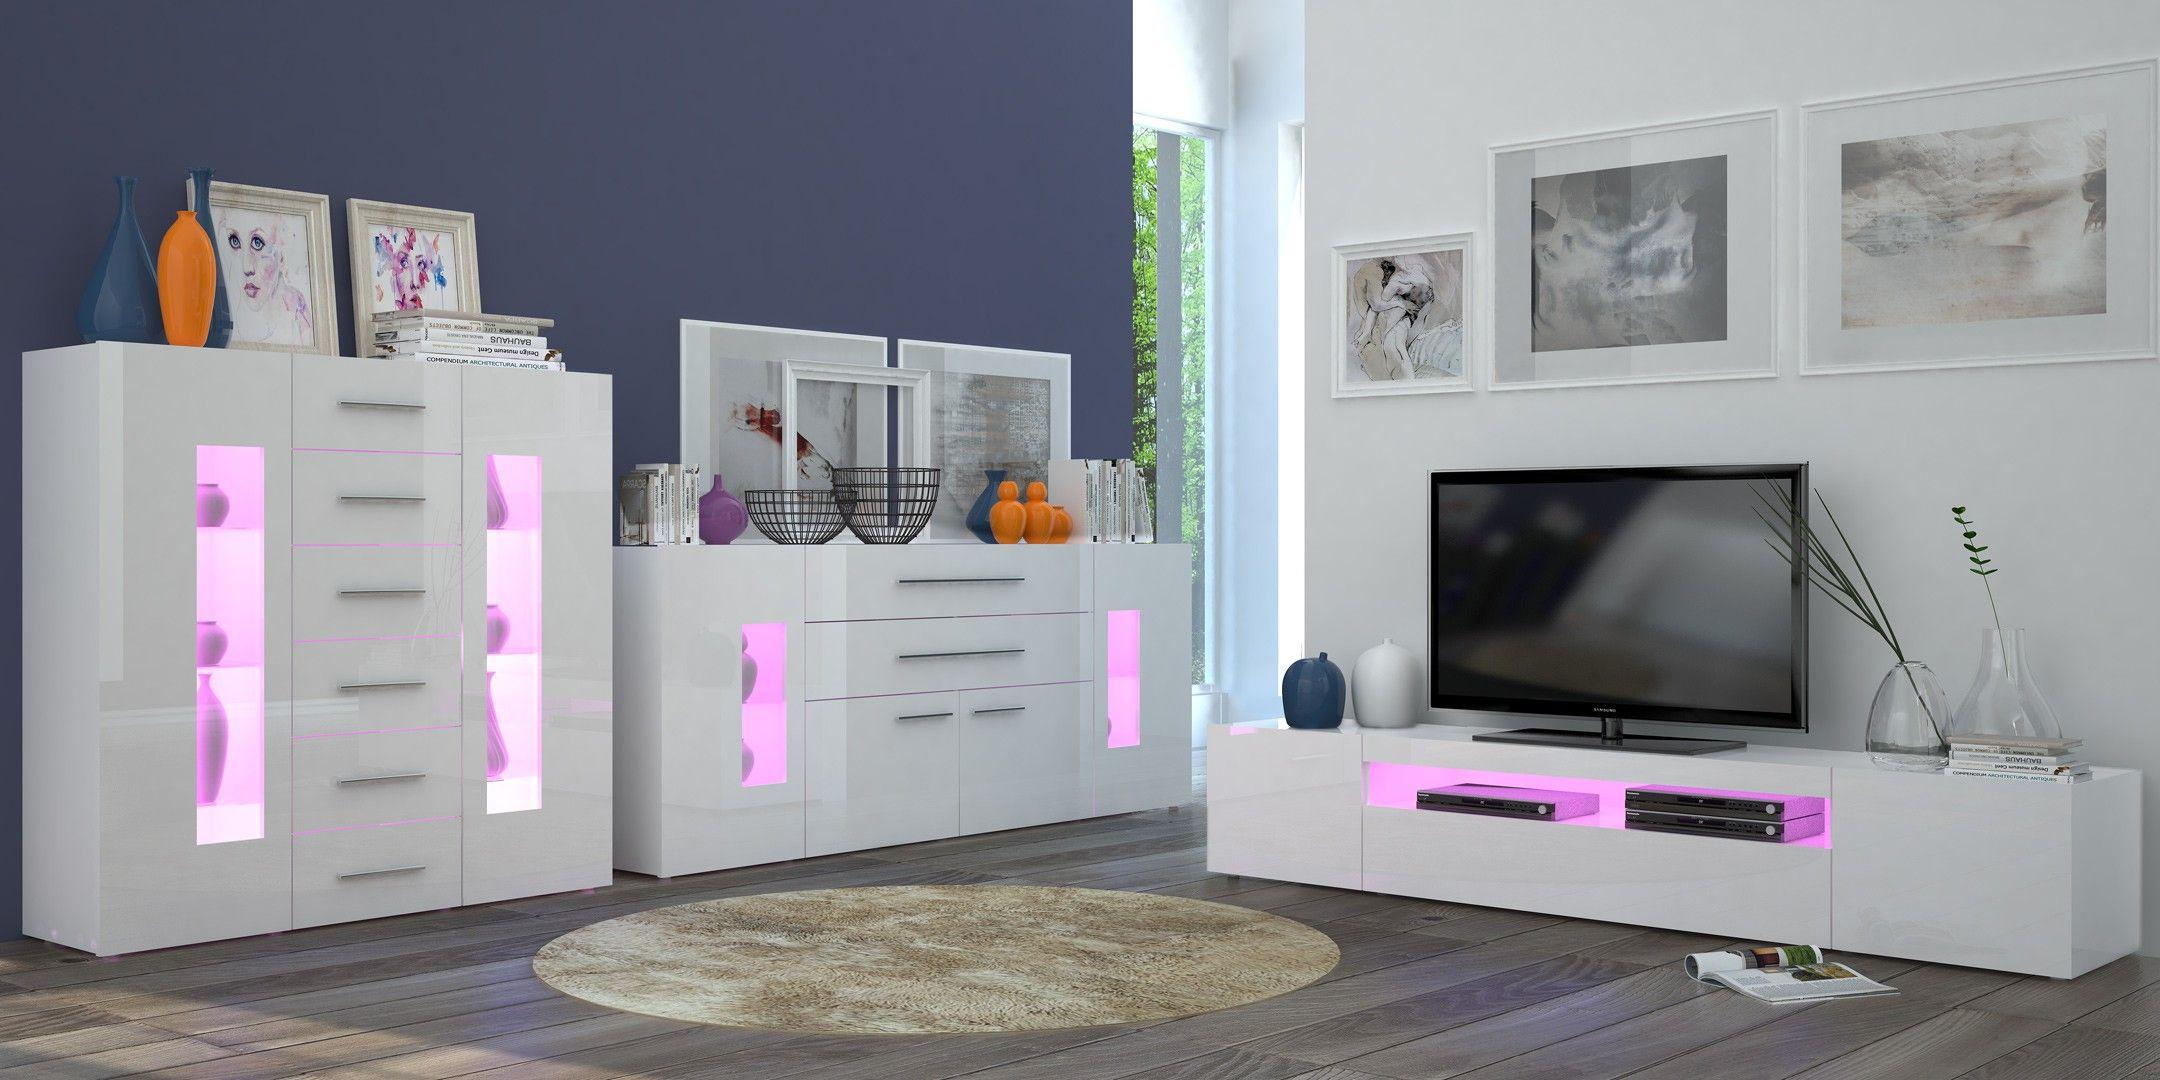 Meuble Tv Design Laque Blanc 200 Cm Adilah Matelpro Meuble Tv Design Meuble Tv Chambre Meuble Tv Design Laque